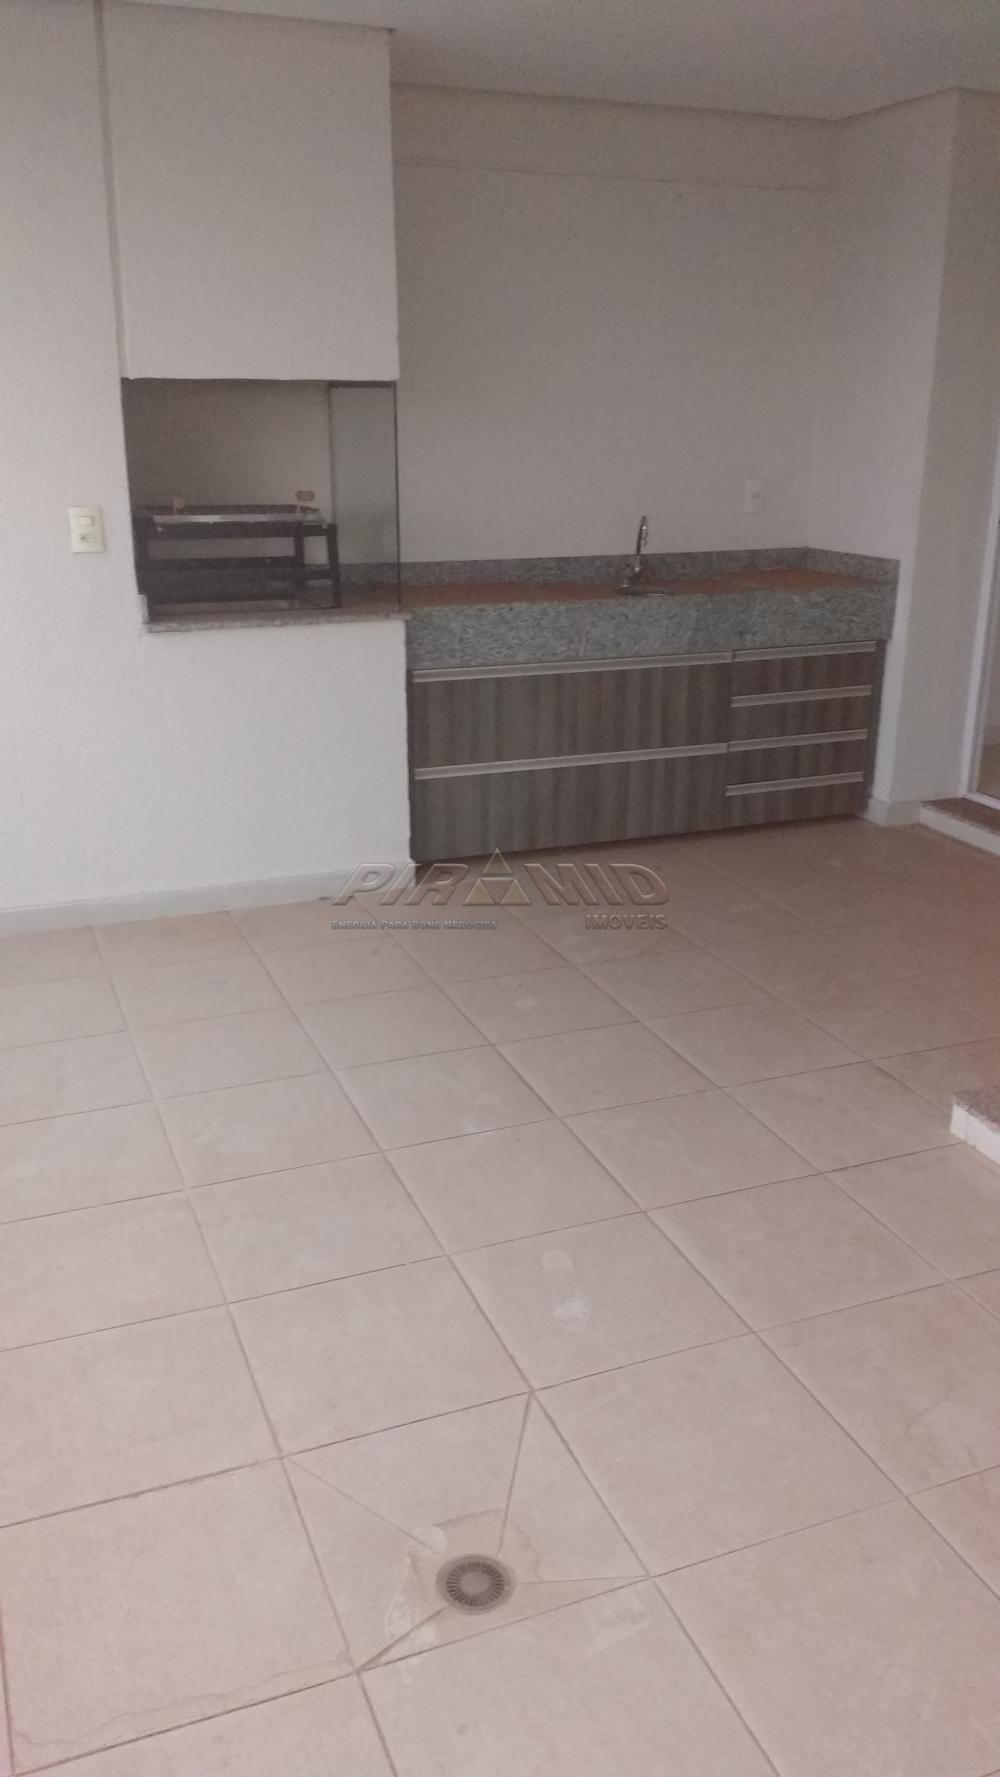 Alugar Apartamento / Padrão em Ribeirão Preto apenas R$ 3.800,00 - Foto 5